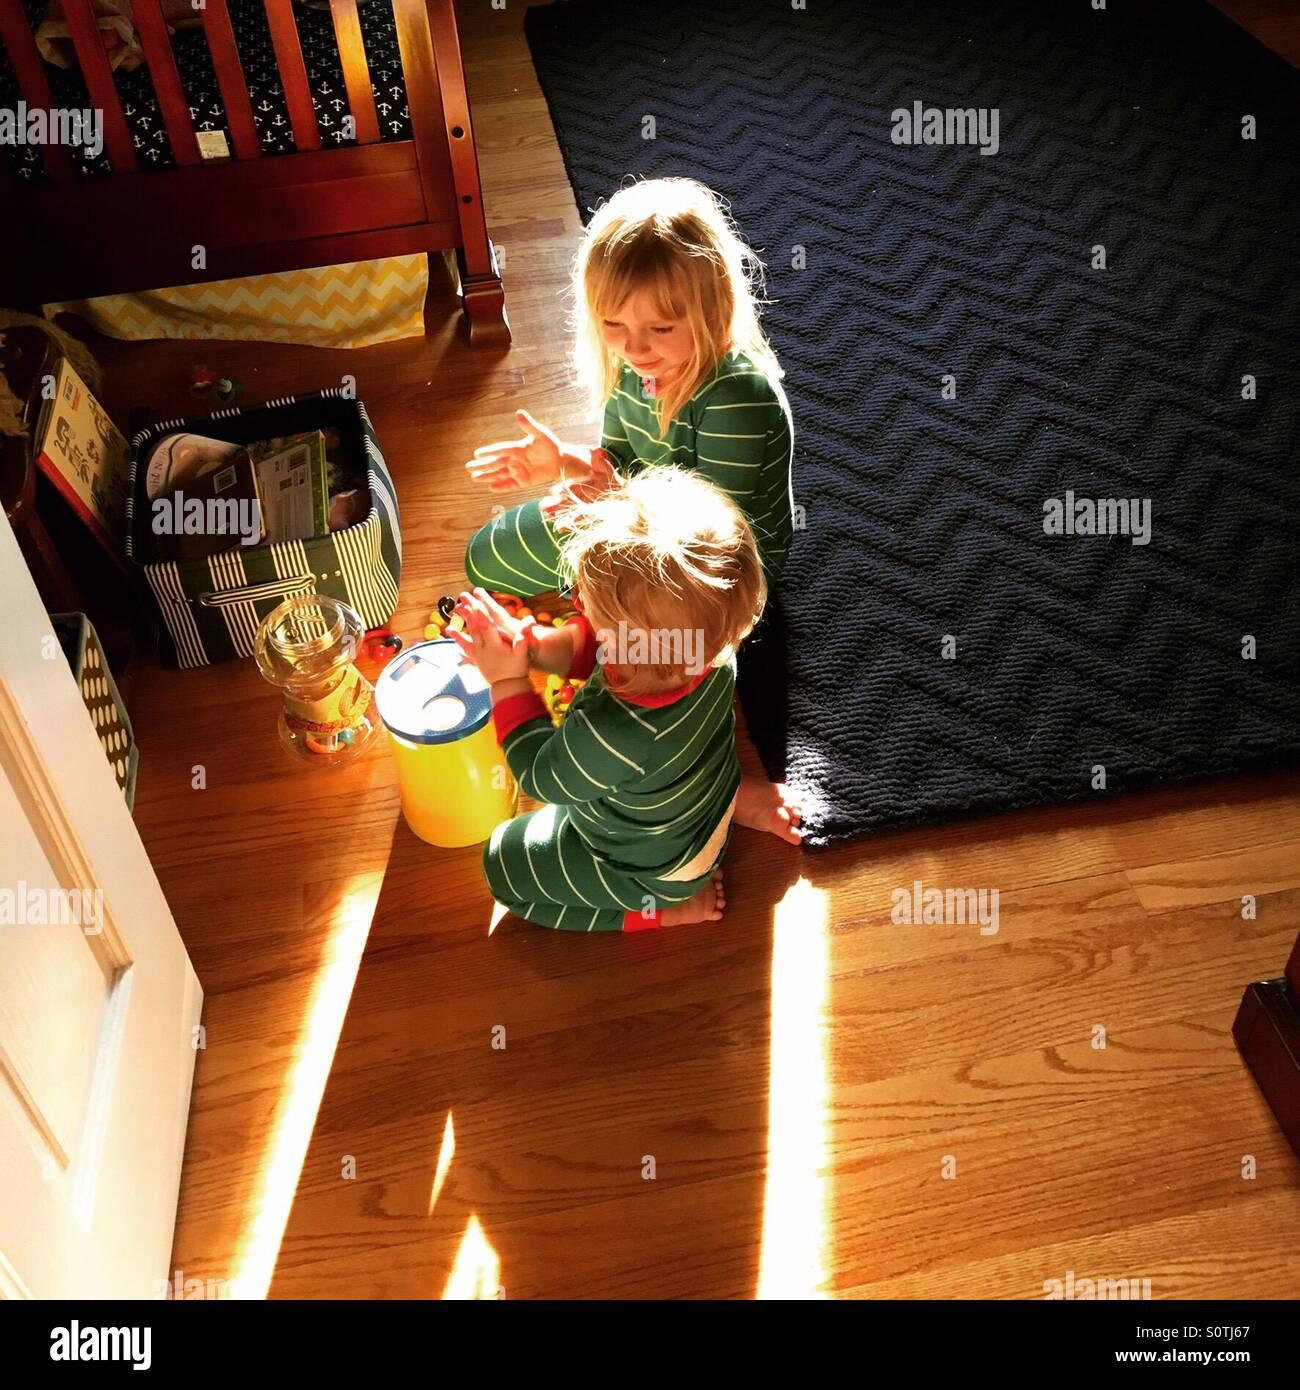 Mañana playtime entre hermano y hermana en pijama coincidentes Imagen De Stock